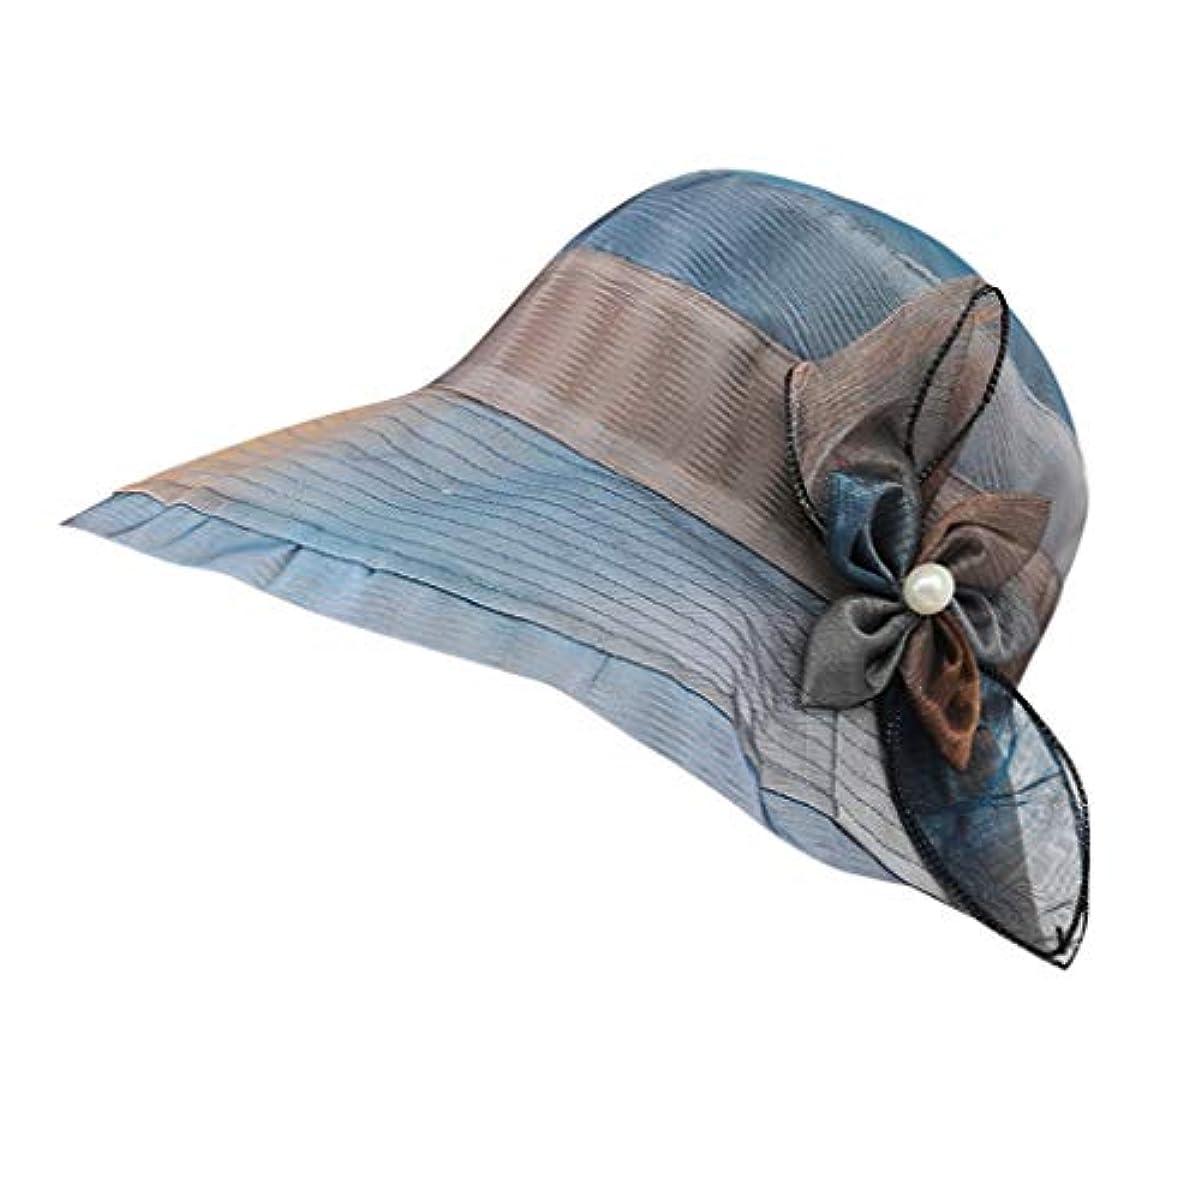 スマッシュシンカン強要ハット レディース UVカット 帽子 レディース 日よけ 帽子 レディース つば広 無地 洗える 紫外線対策 ハット カジュアル 旅行用 日よけ 夏季 女優帽 小顔効果抜群 可愛い 夏季 海 旅行 ROSE ROMAN